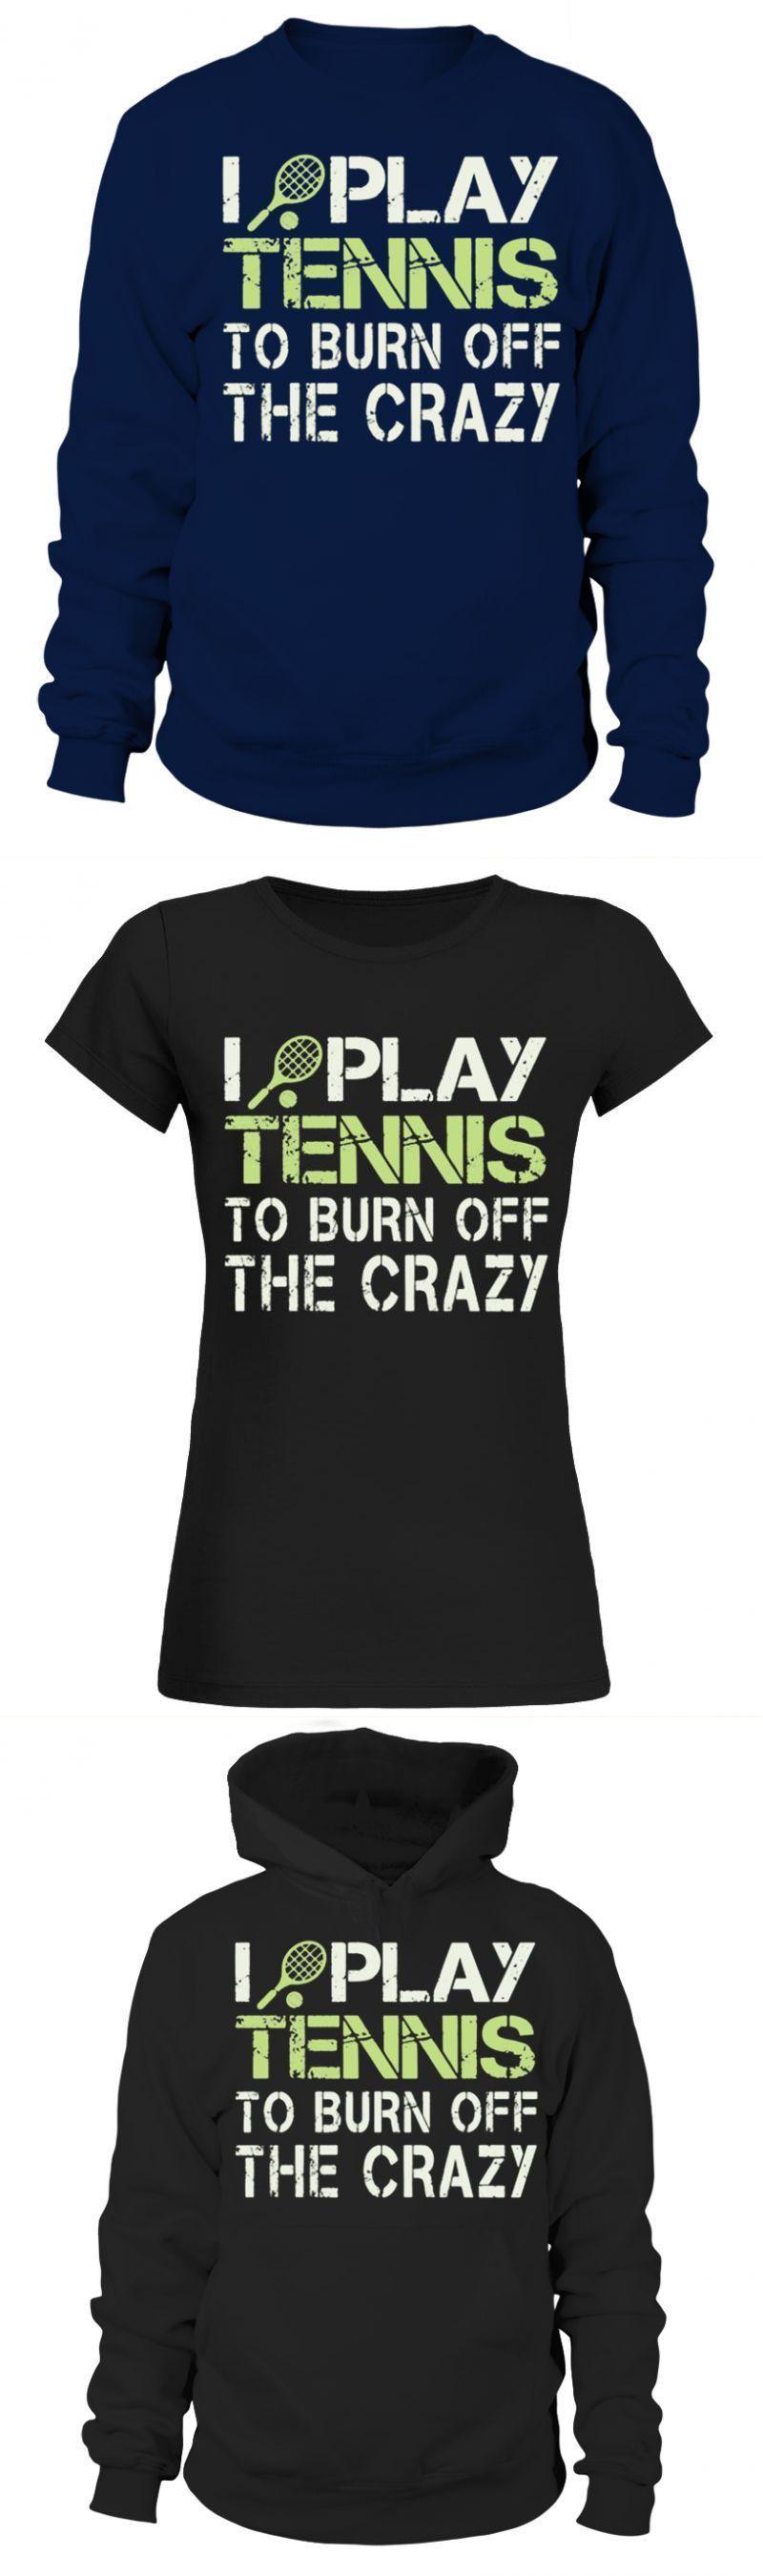 Tennis t shirts i play tennis shirt tennis t shirt india